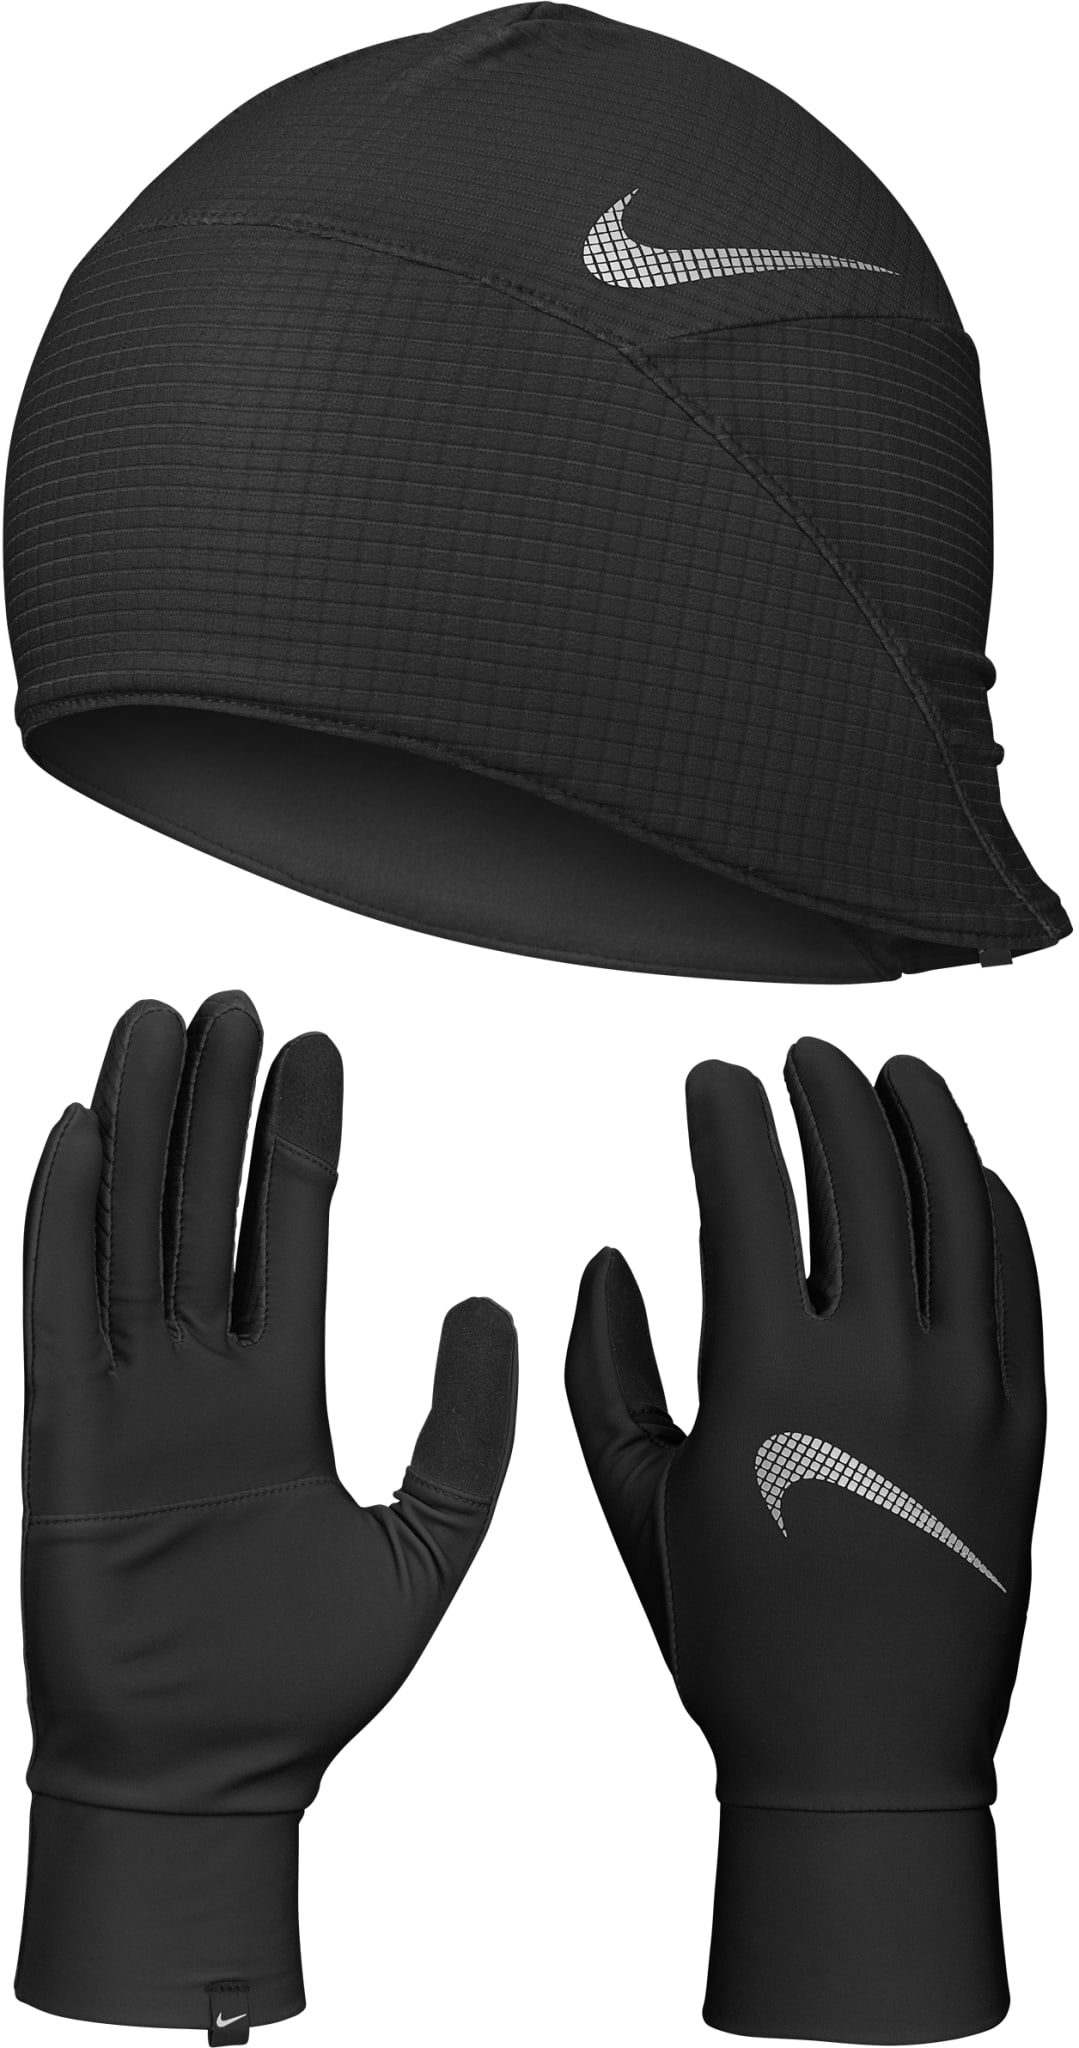 Essential Running Hat and Glove Set Men